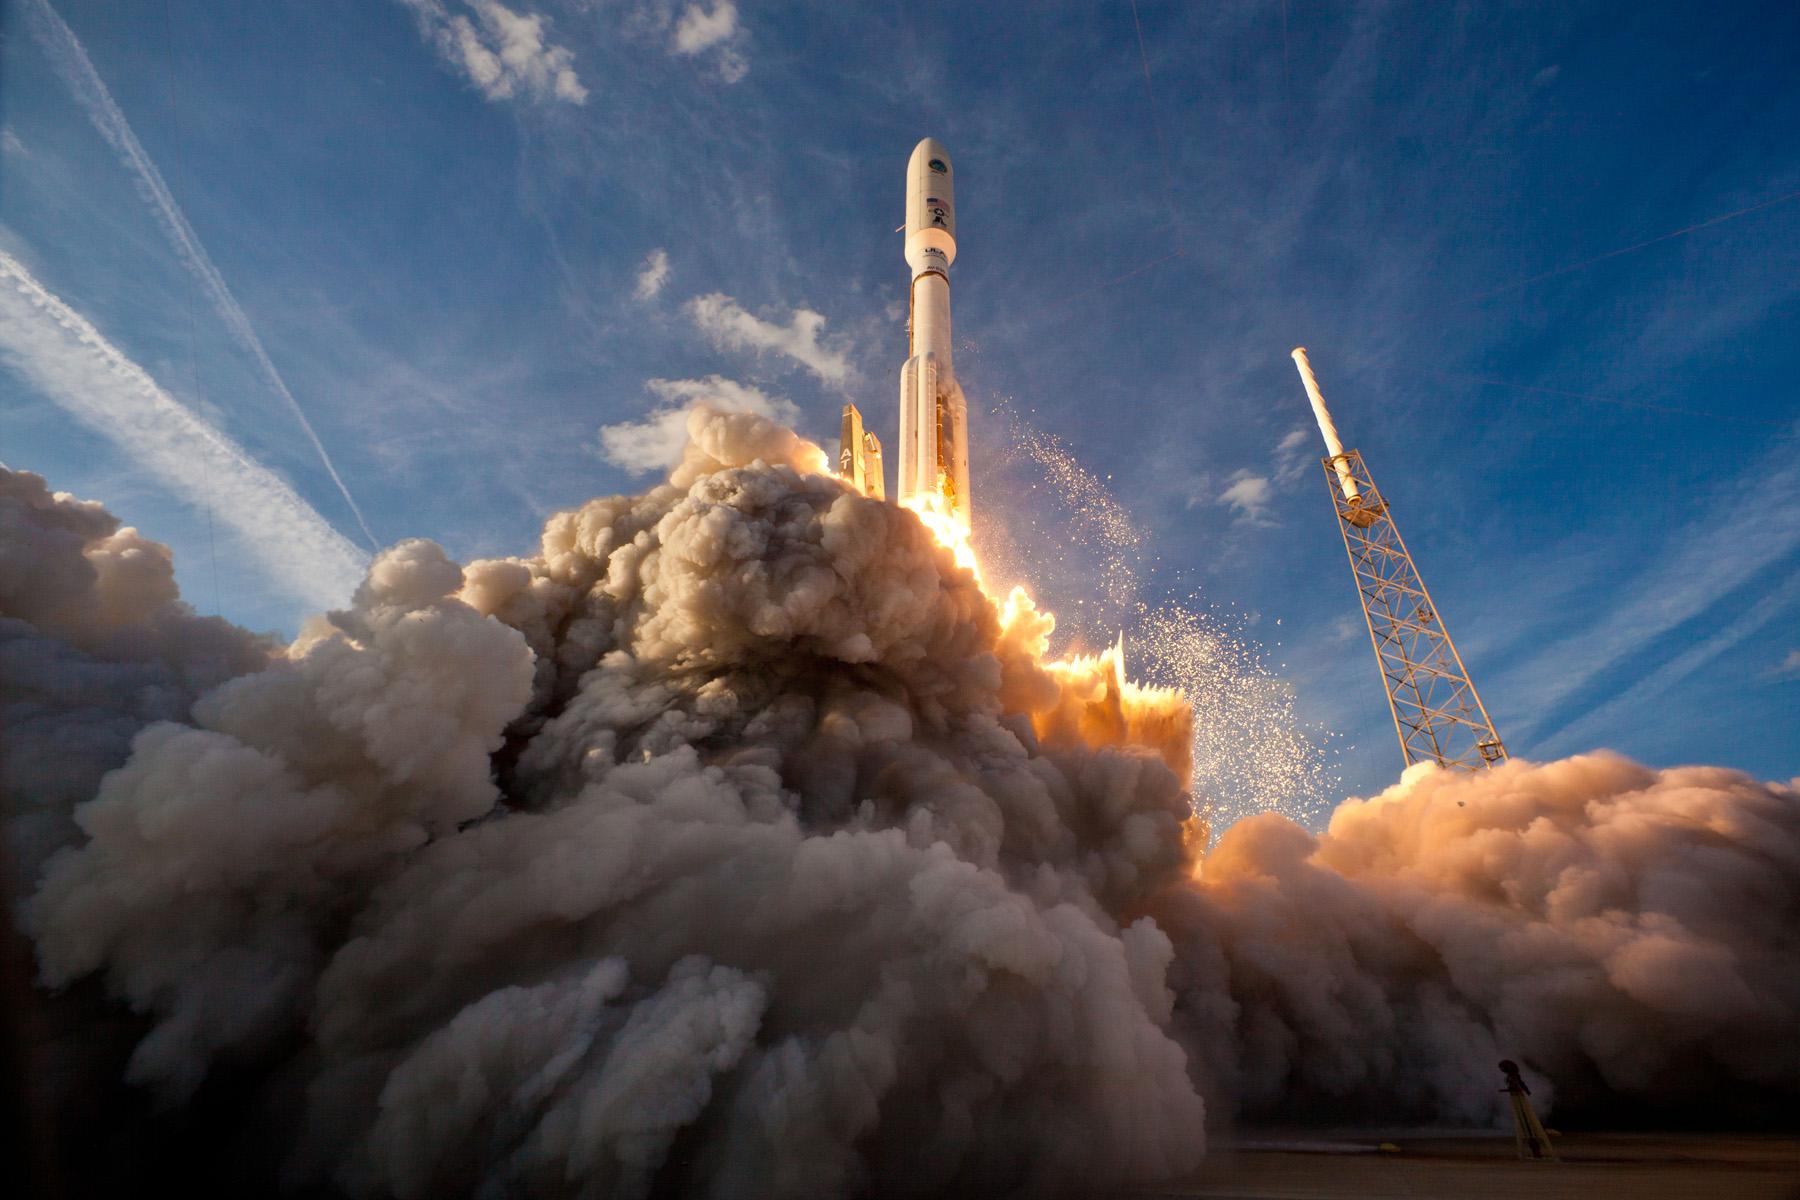 rocket space coast image - HD1600×1067